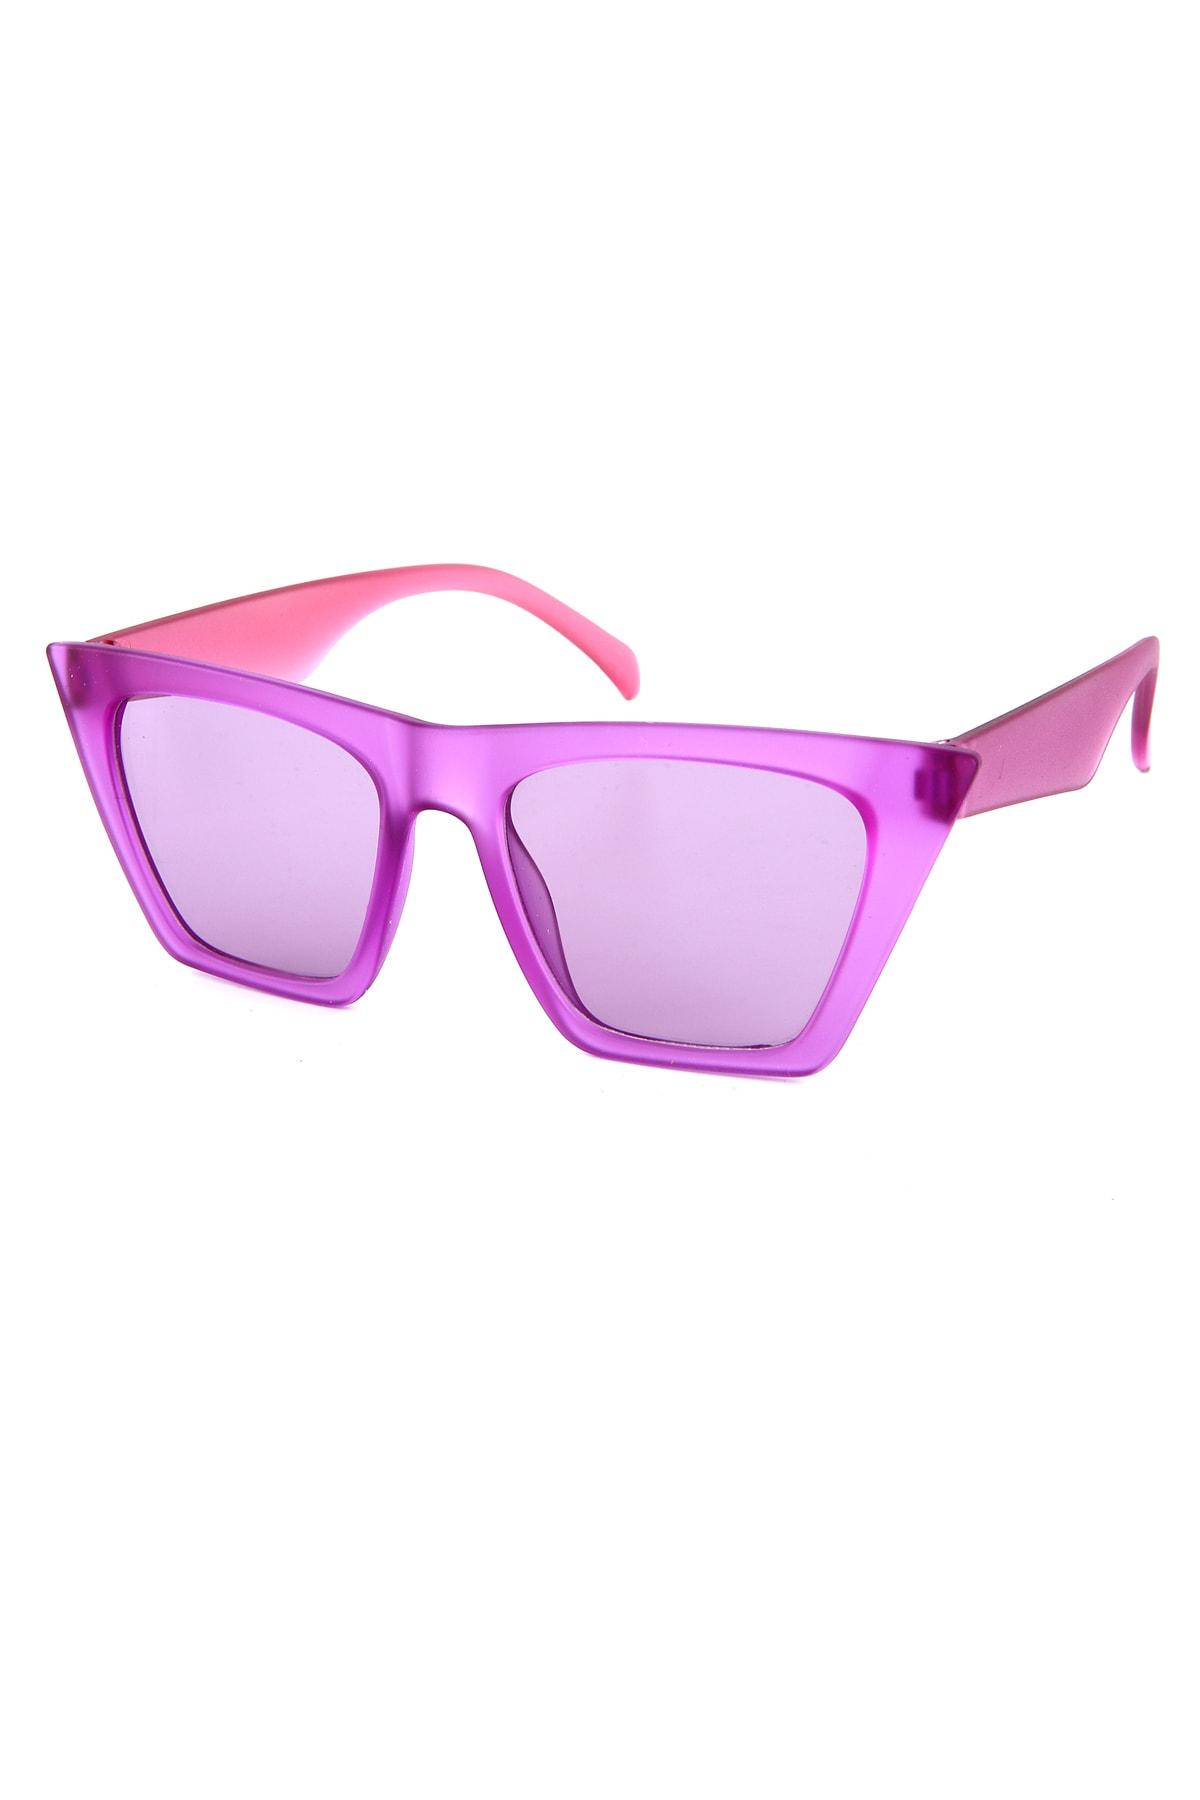 خرید نقدی عینک آفتابی زنانه  برند Luis Polo رنگ بنفش کد ty47552888